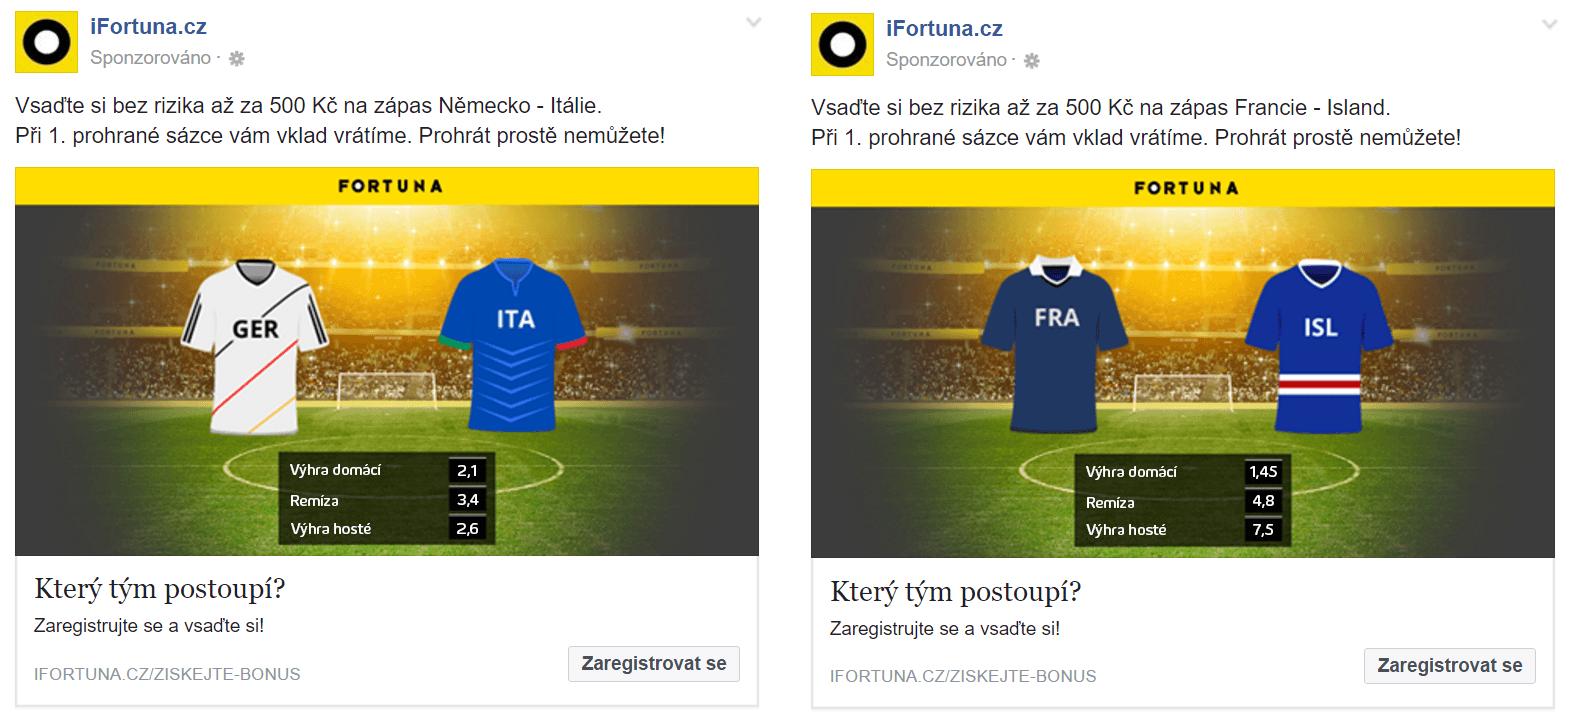 Reklamy s dynamickými prvky načtenými z feedu.